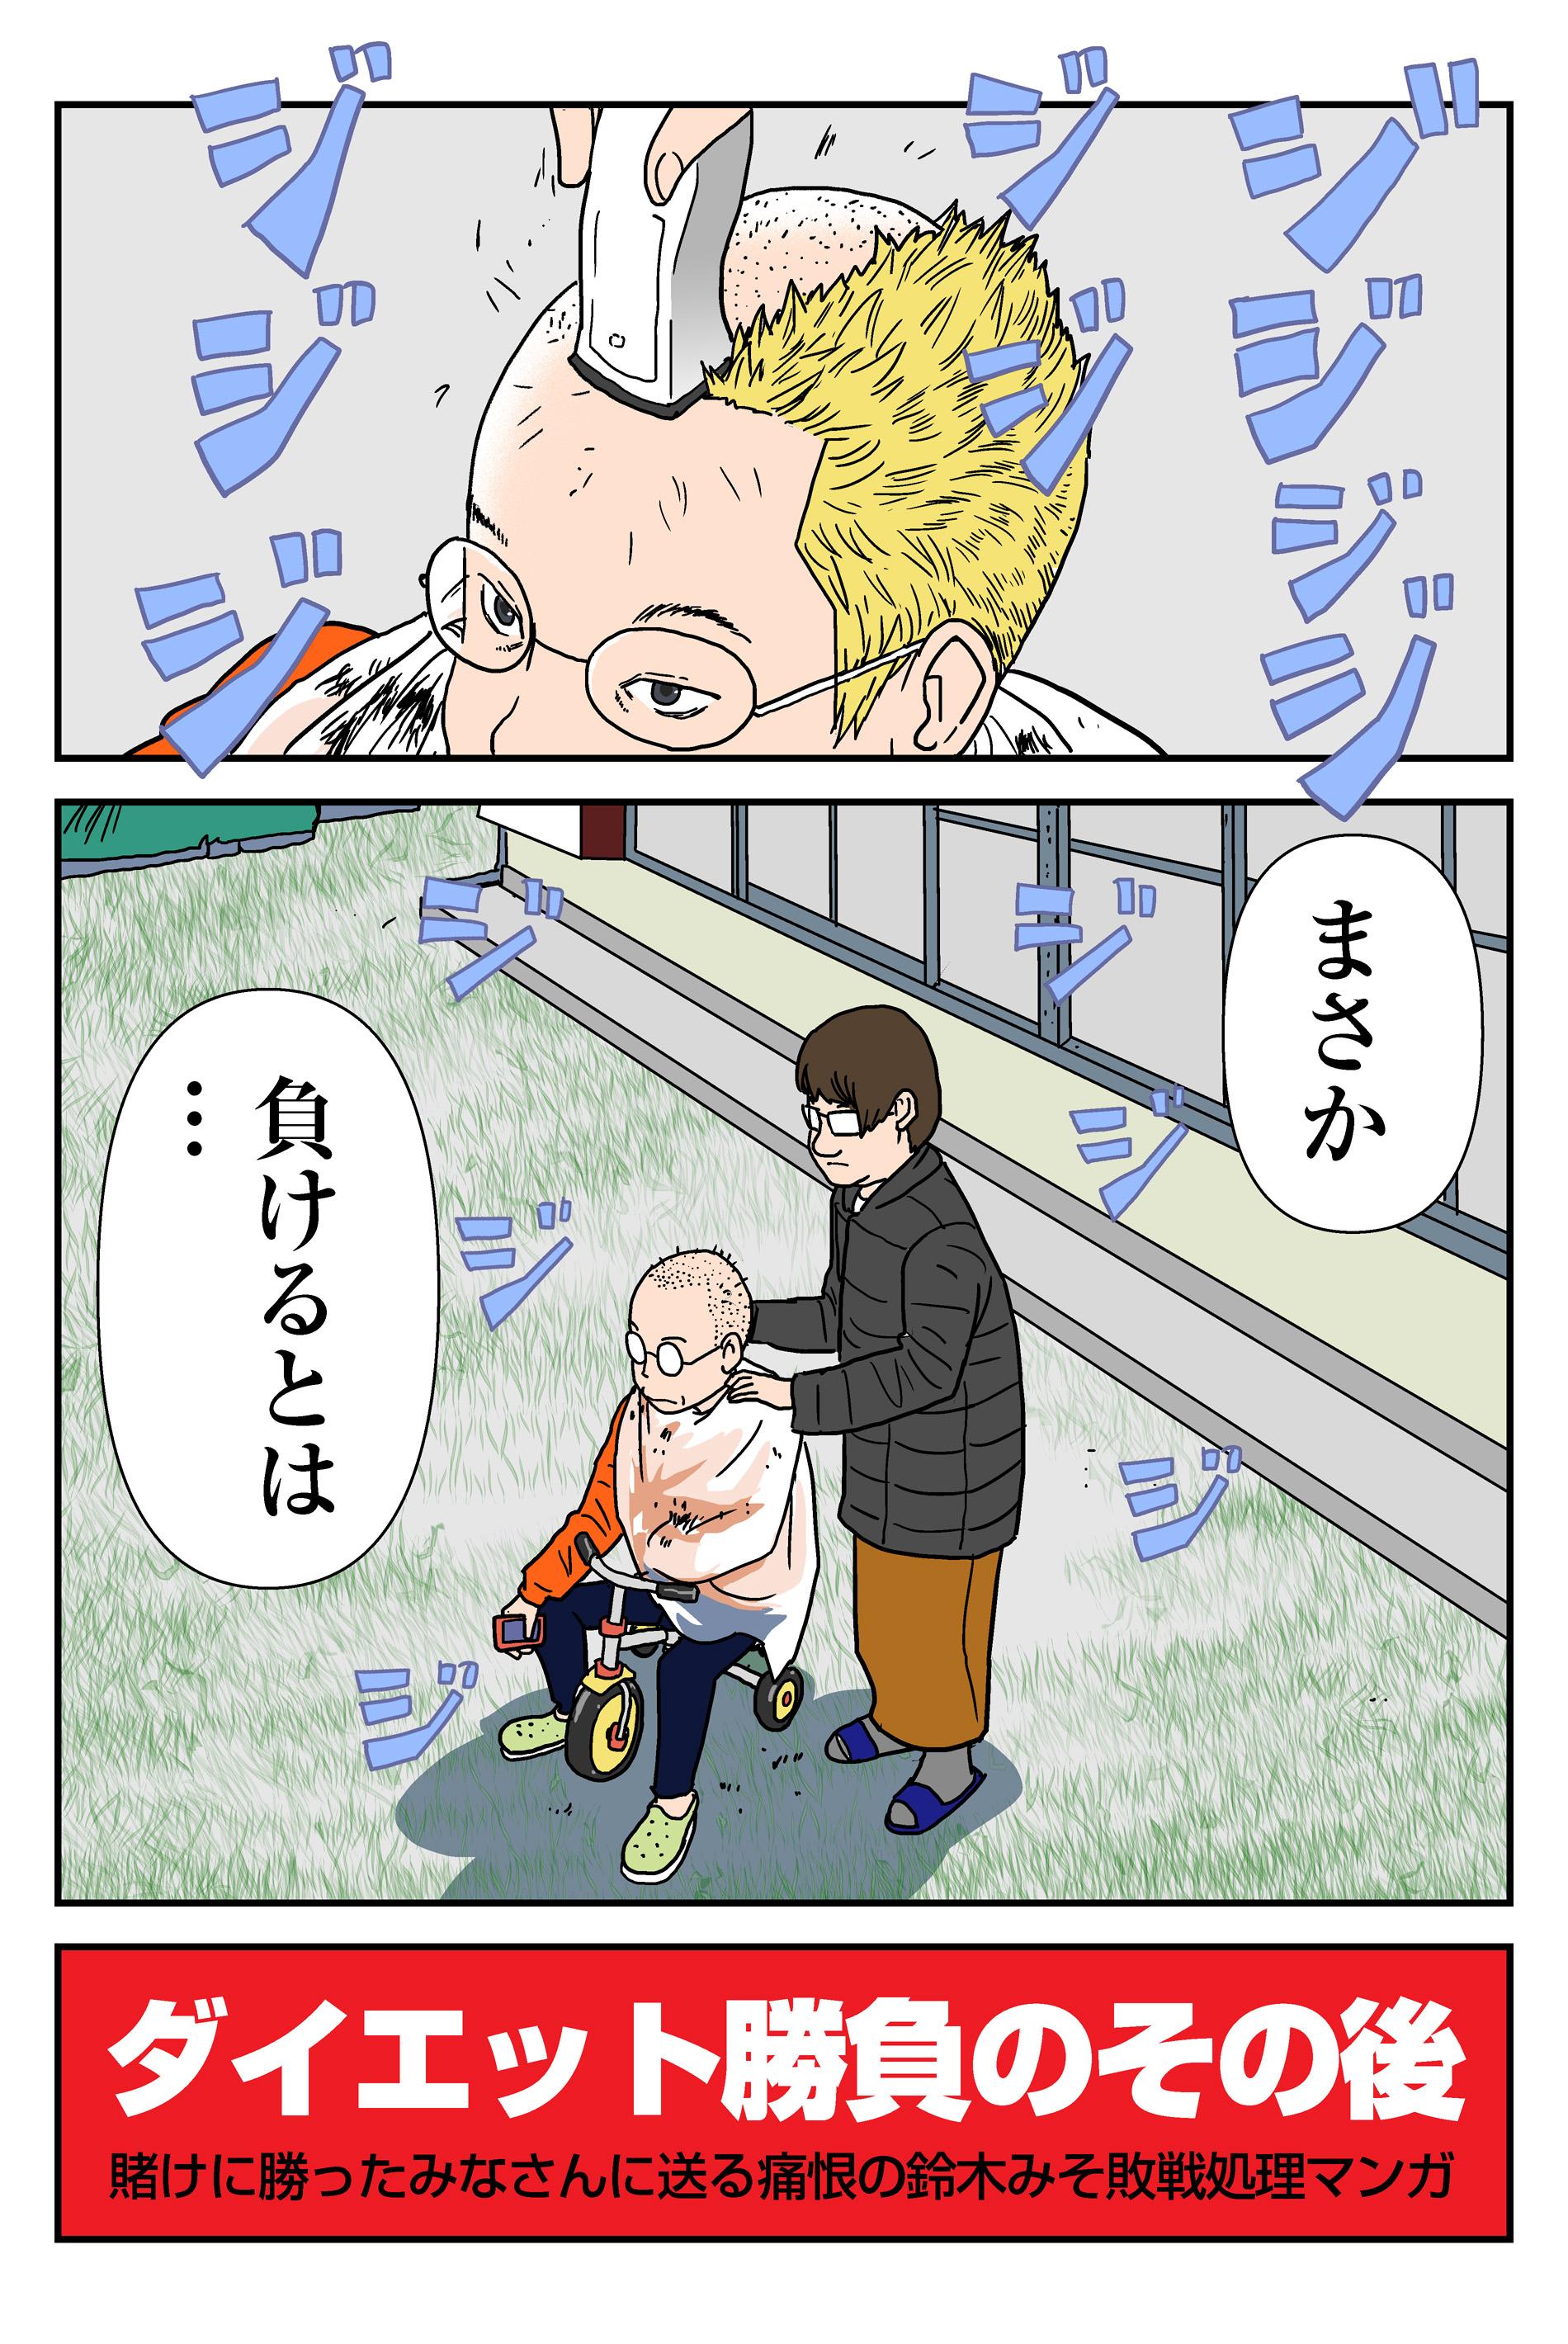 反省マンガ_002.jpg